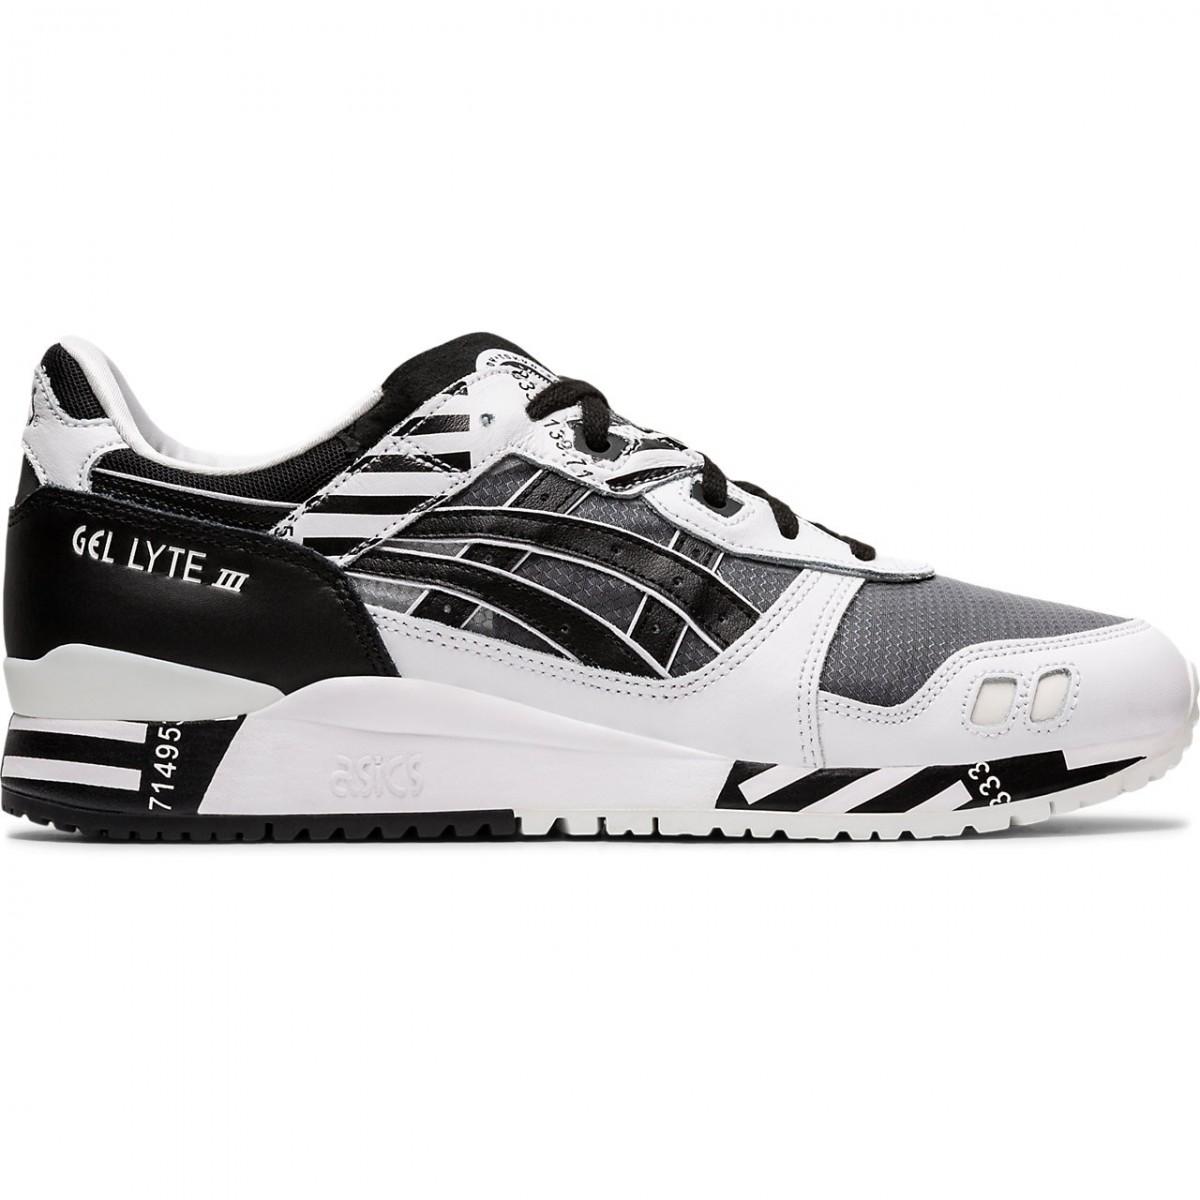 Asics Gel-Lyte III OG Sneaker